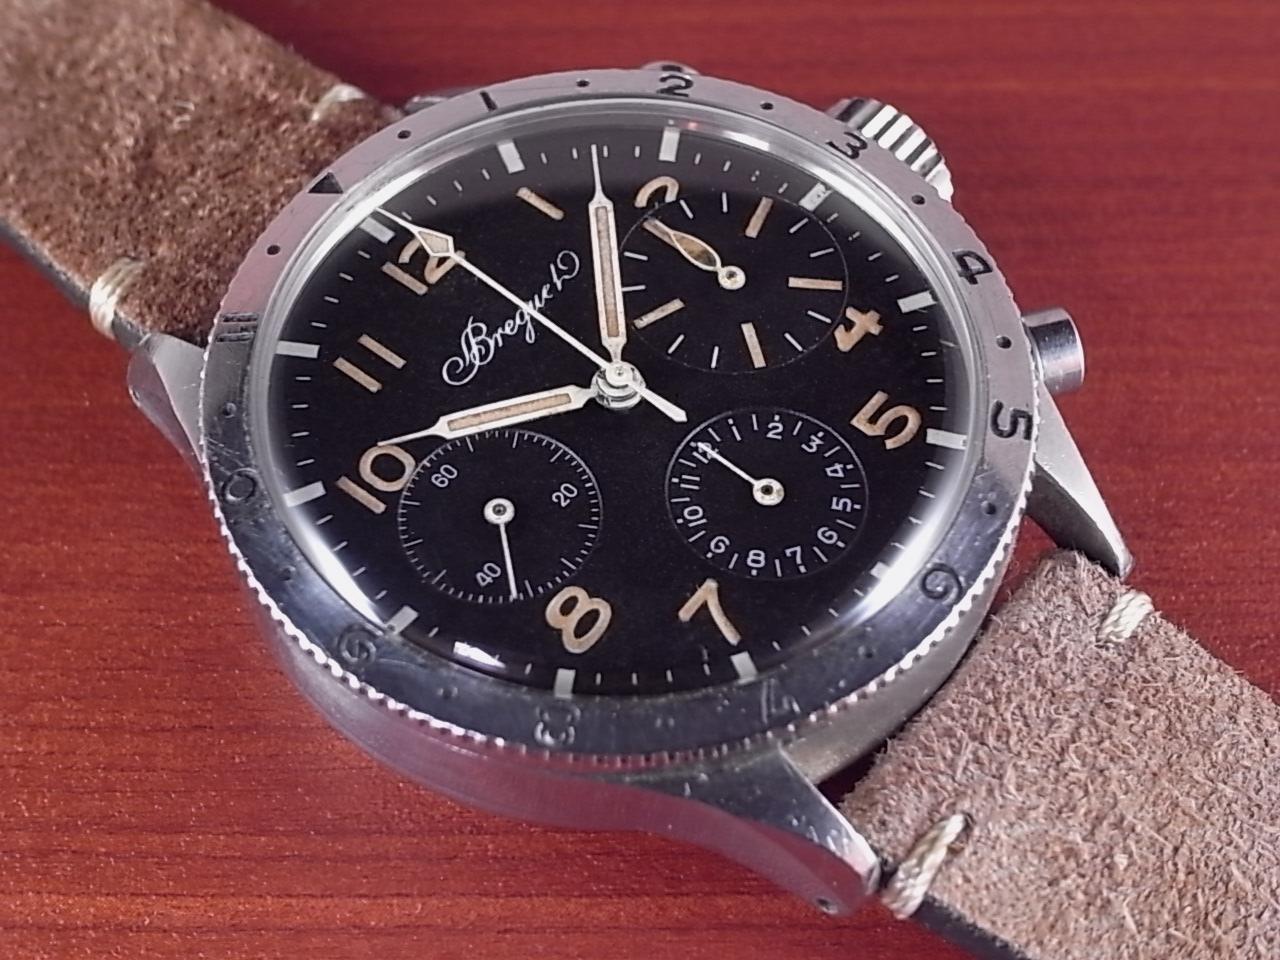 ブレゲ タイプ20 パイロットクロノグラフ バルジュー225 1960年代のメイン写真